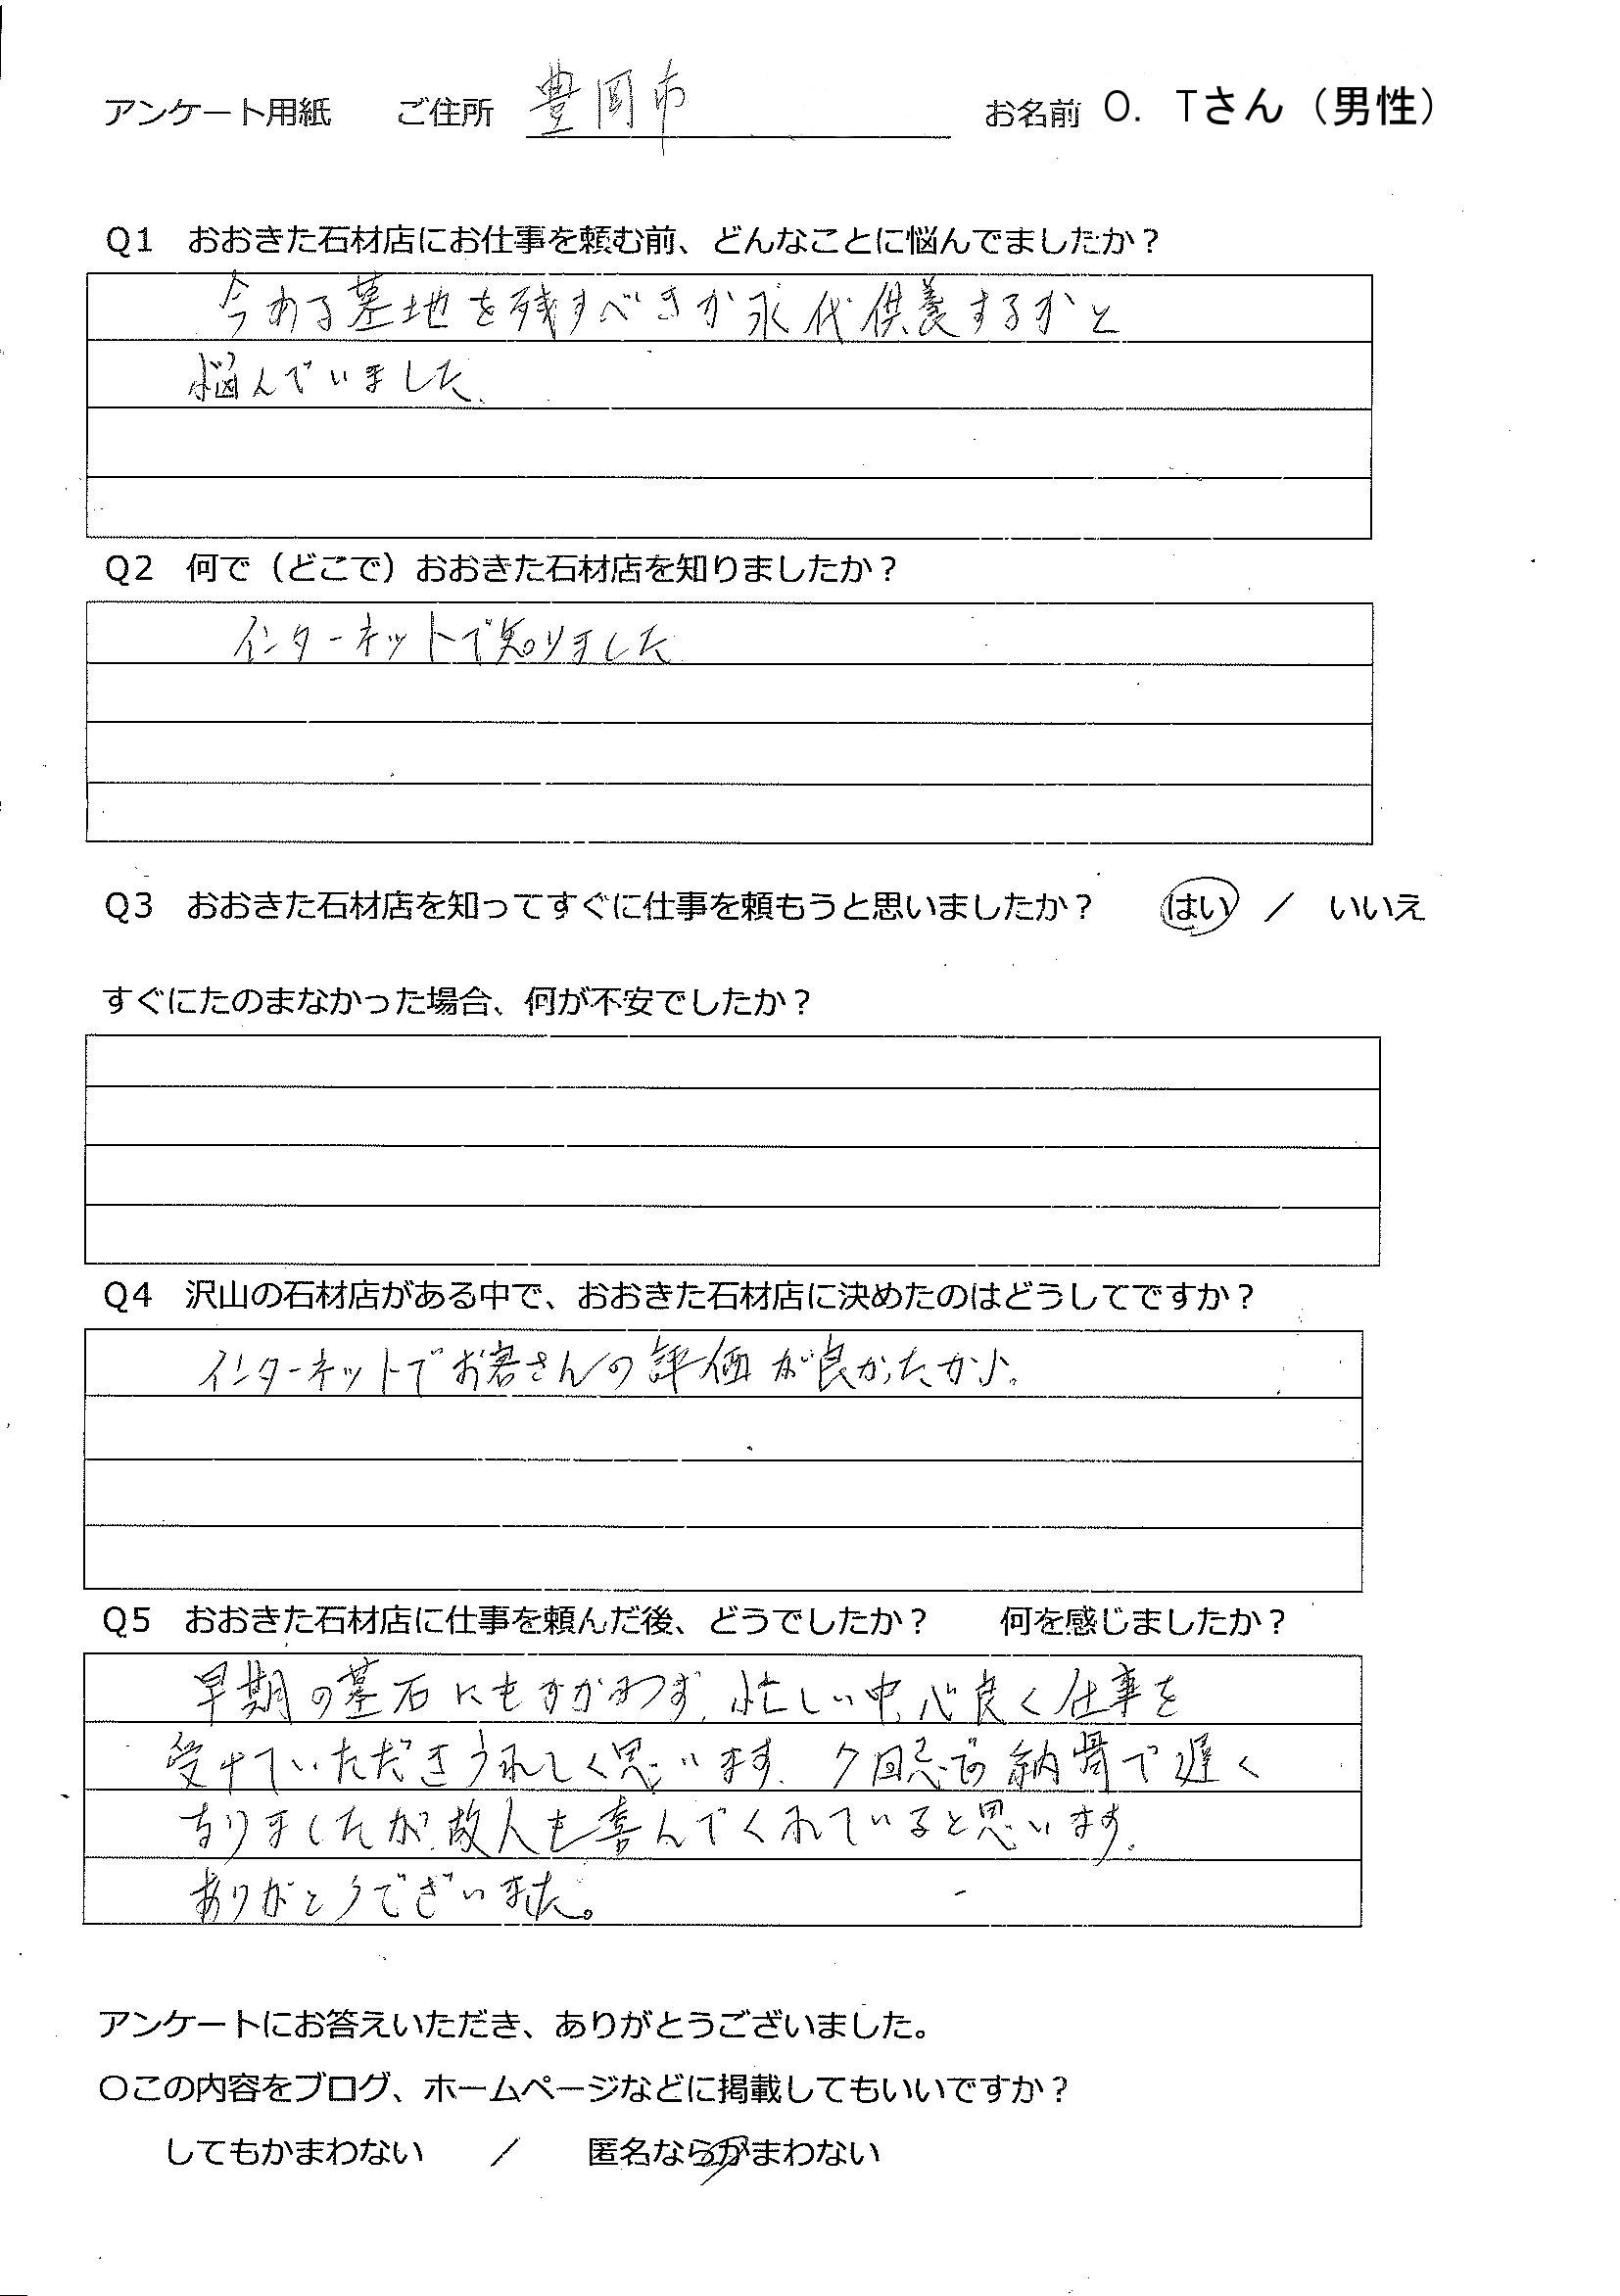 2018-10-29奥田敏幸